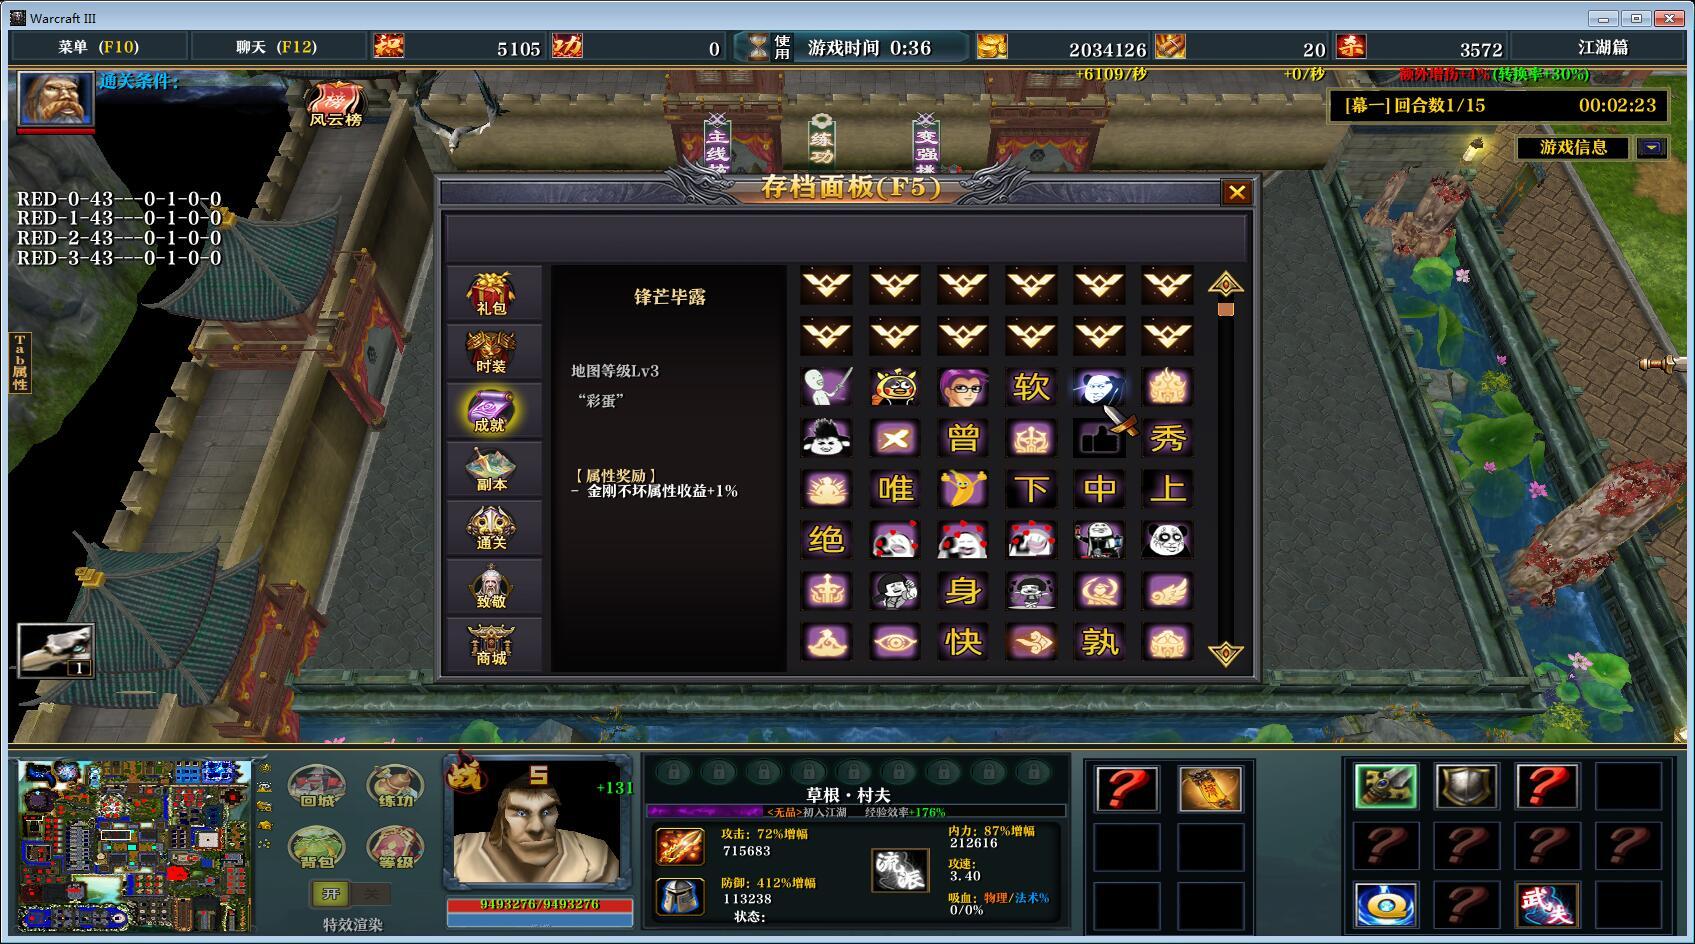 嘿_江湖1.6.4破解版 解锁全英雄+全商城特权+存档成就宠物+时装副本特权+地图等级99